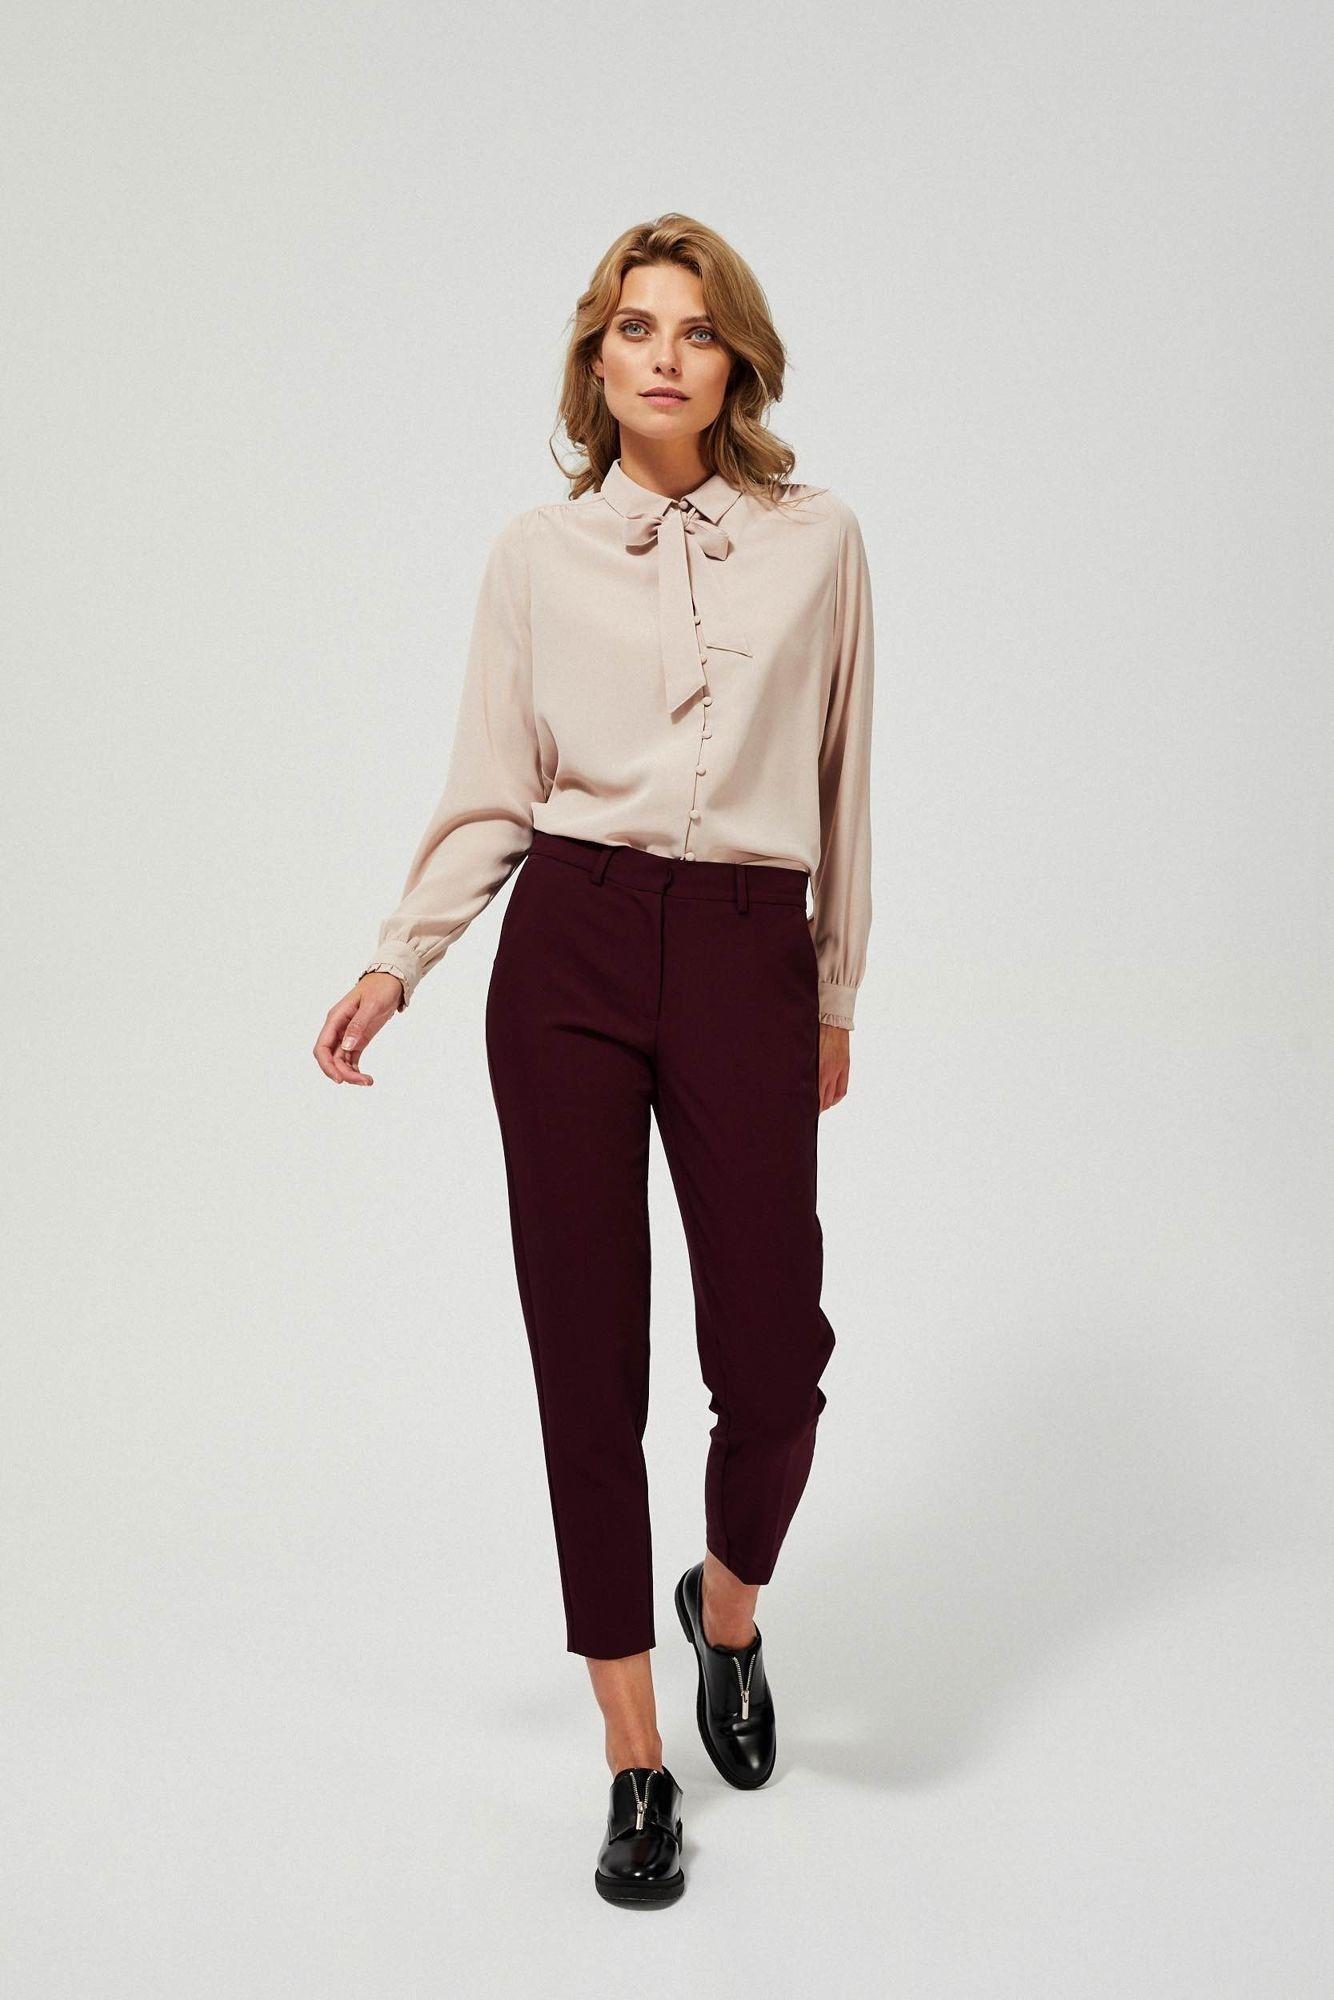 Spodnie cygaretki w kant kolor burgundowy